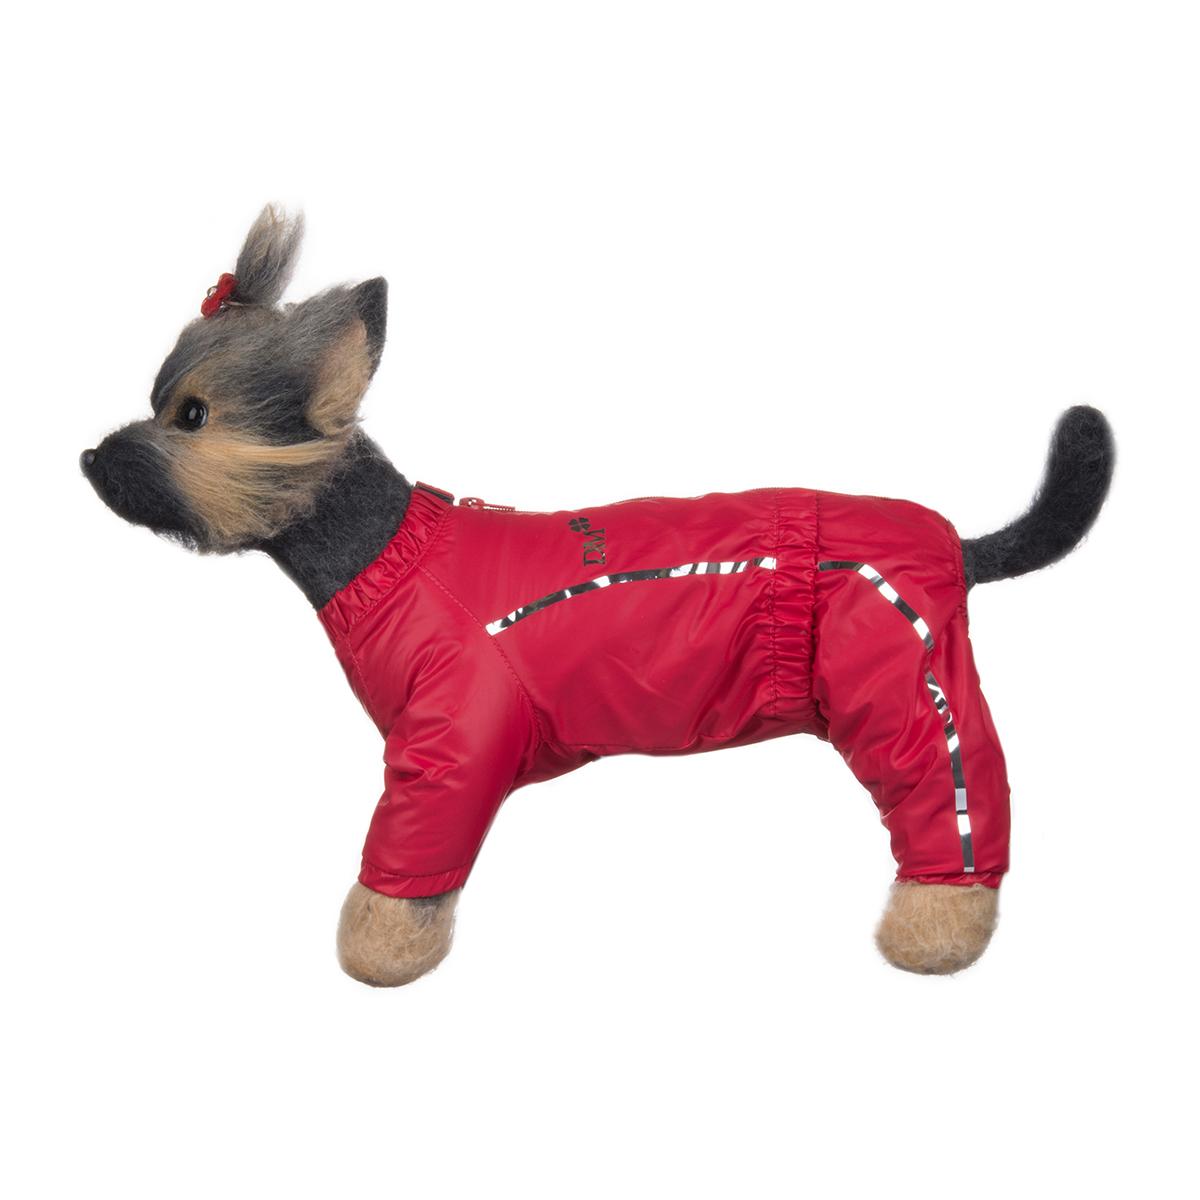 Комбинезон для собак Dogmoda Альпы, для девочки, цвет: фуксия. Размер 2 (M)0120710Комбинезон для собак Dogmoda Альпы отлично подойдет для прогулок поздней осенью или ранней весной.Комбинезон изготовлен из полиэстера, защищающего от ветра и осадков, с подкладкой из флиса, которая сохранит тепло и обеспечит отличный воздухообмен. Комбинезон застегивается на молнию и липучку, благодаря чему его легко надевать и снимать. Ворот, низ рукавов и брючин оснащены внутренними резинками, которые мягко обхватывают шею и лапки, не позволяя просачиваться холодному воздуху. На пояснице имеется внутренняя резинка. Изделие декорировано серебристыми полосками и надписью DM.Благодаря такому комбинезону простуда не грозит вашему питомцу и он не даст любимцу продрогнуть на прогулке.